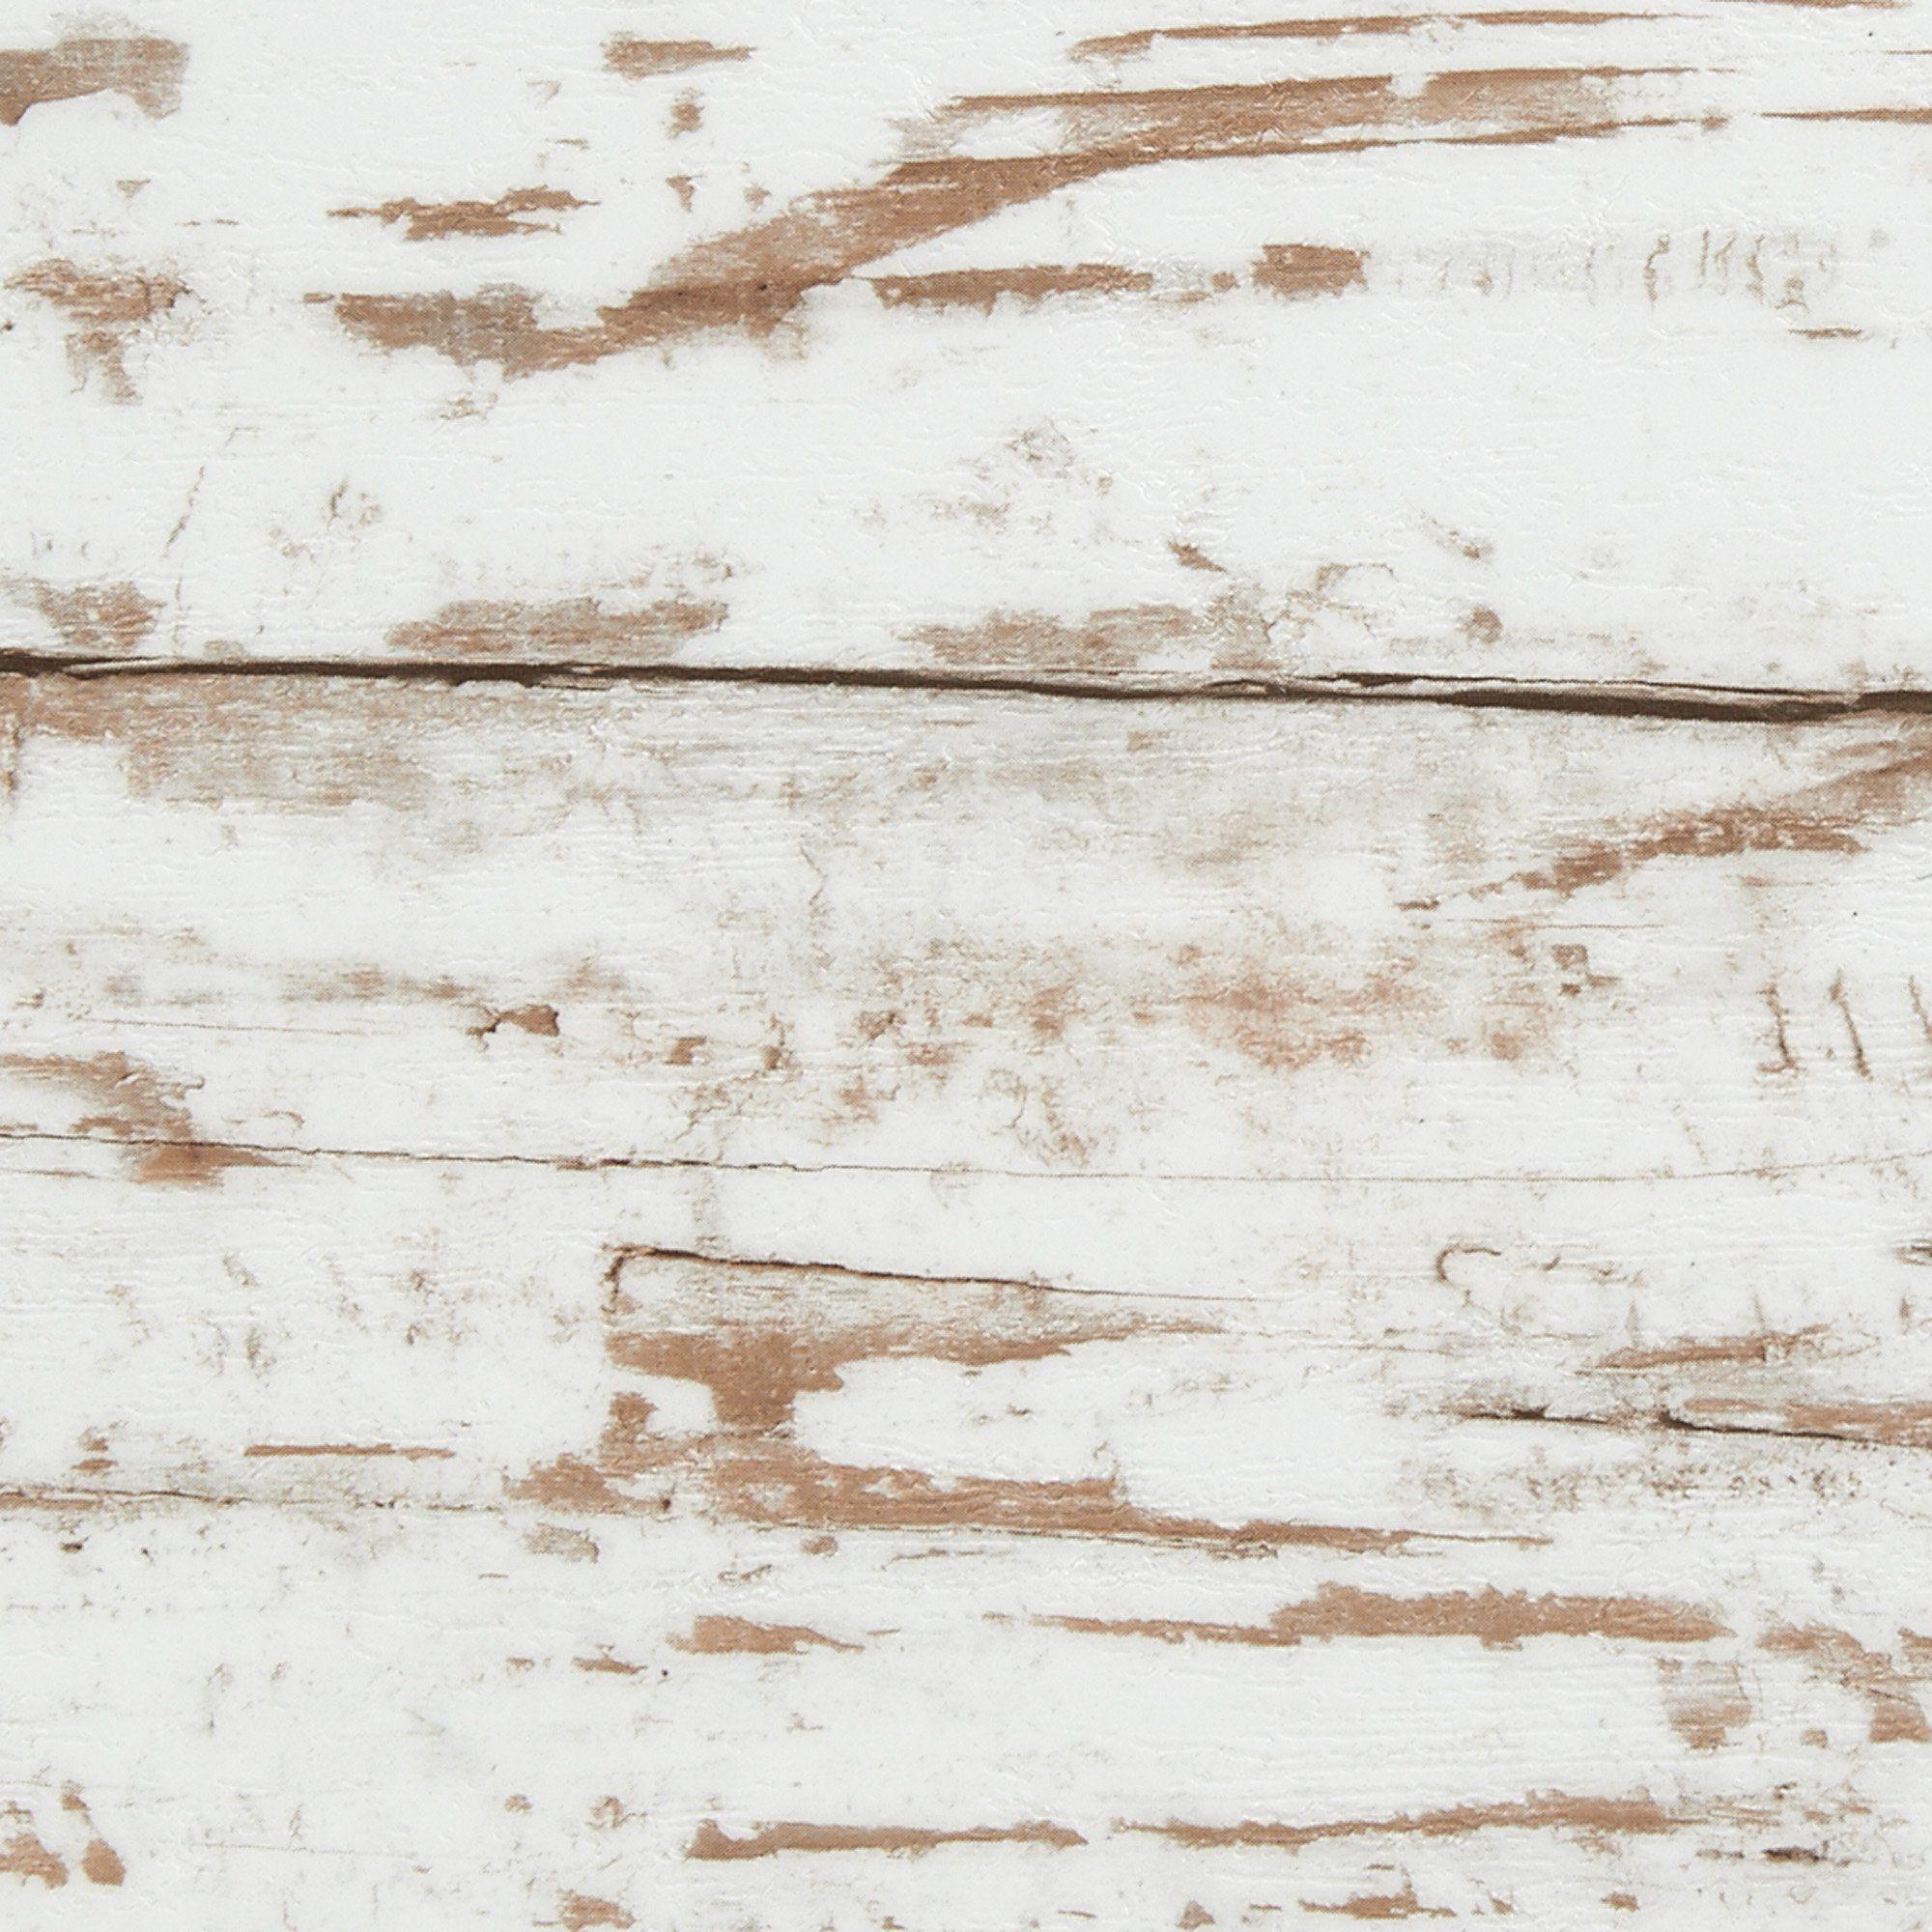 Designbelag Vinylboden Klick Planke Holzoptik Weiß Grau Antik - Vinylboden im baumarkt